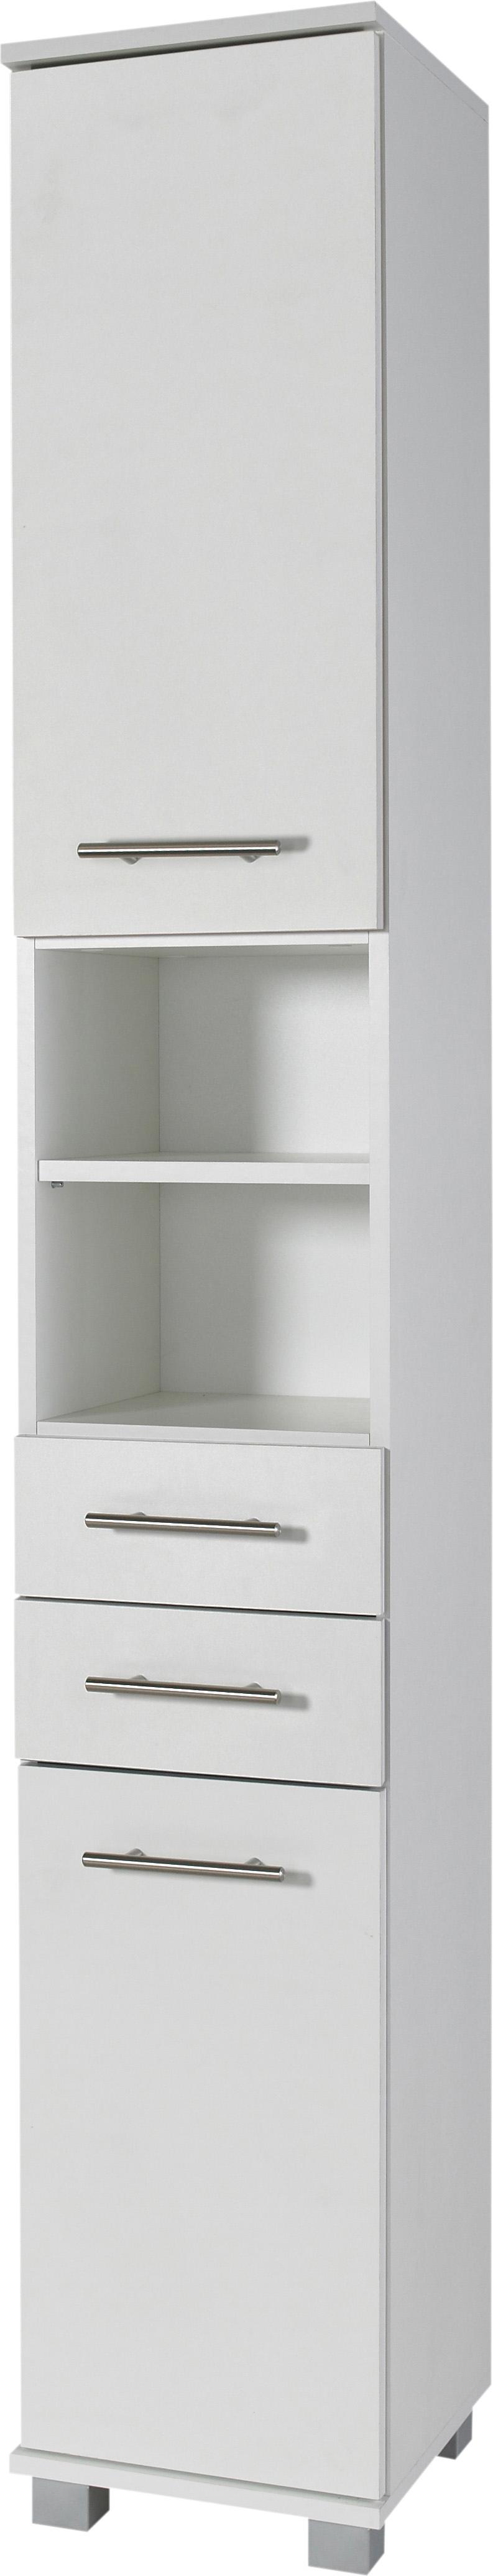 schildmeyer hoge kast palermo met 2 deuren bestellen bij. Black Bedroom Furniture Sets. Home Design Ideas